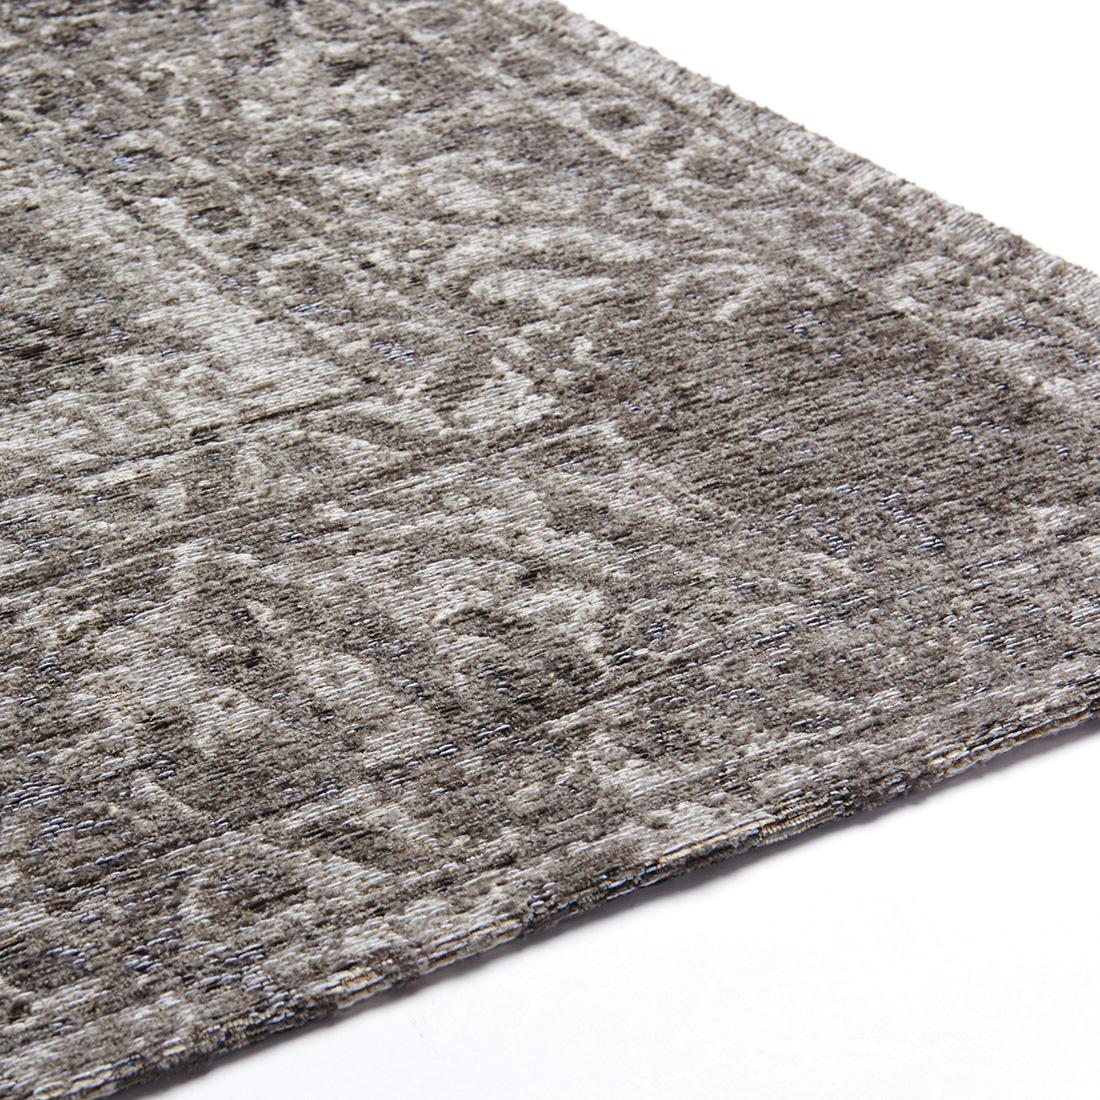 Vloerkleed Brinker Meda Metallic | 240 x 340 cm